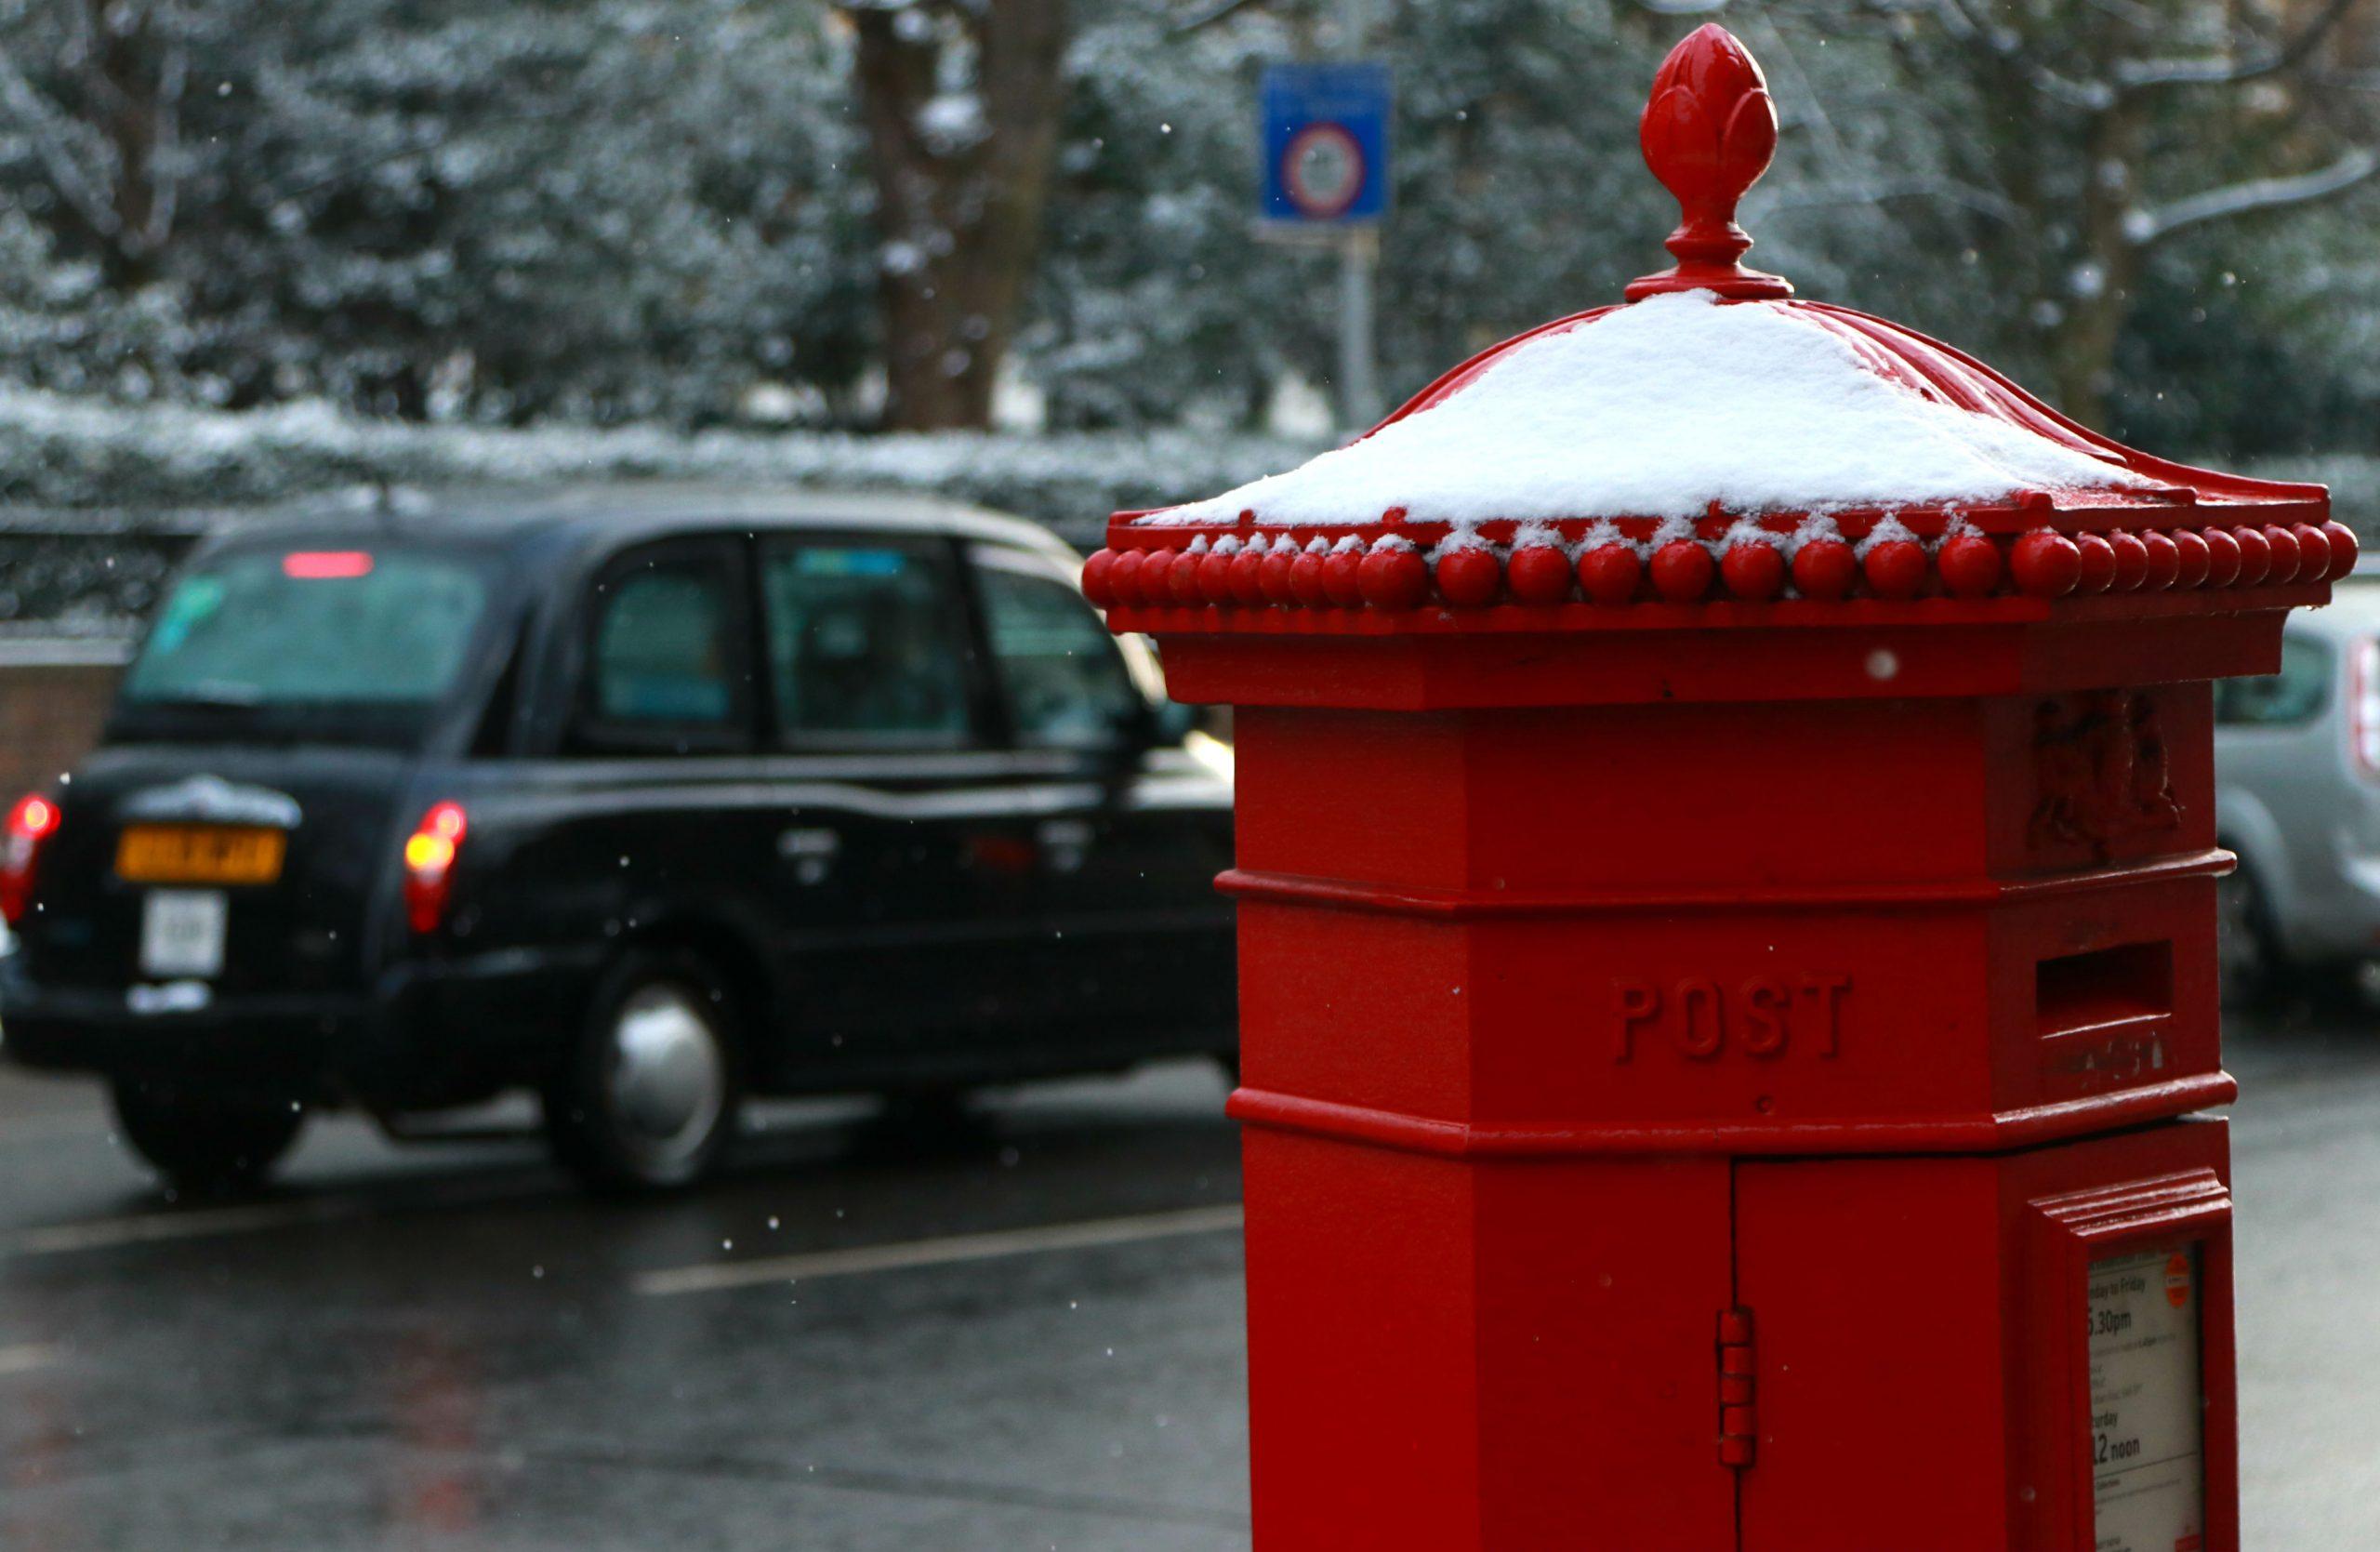 taxi preto londrino com caixa de correio bvermelha em um dia de neve